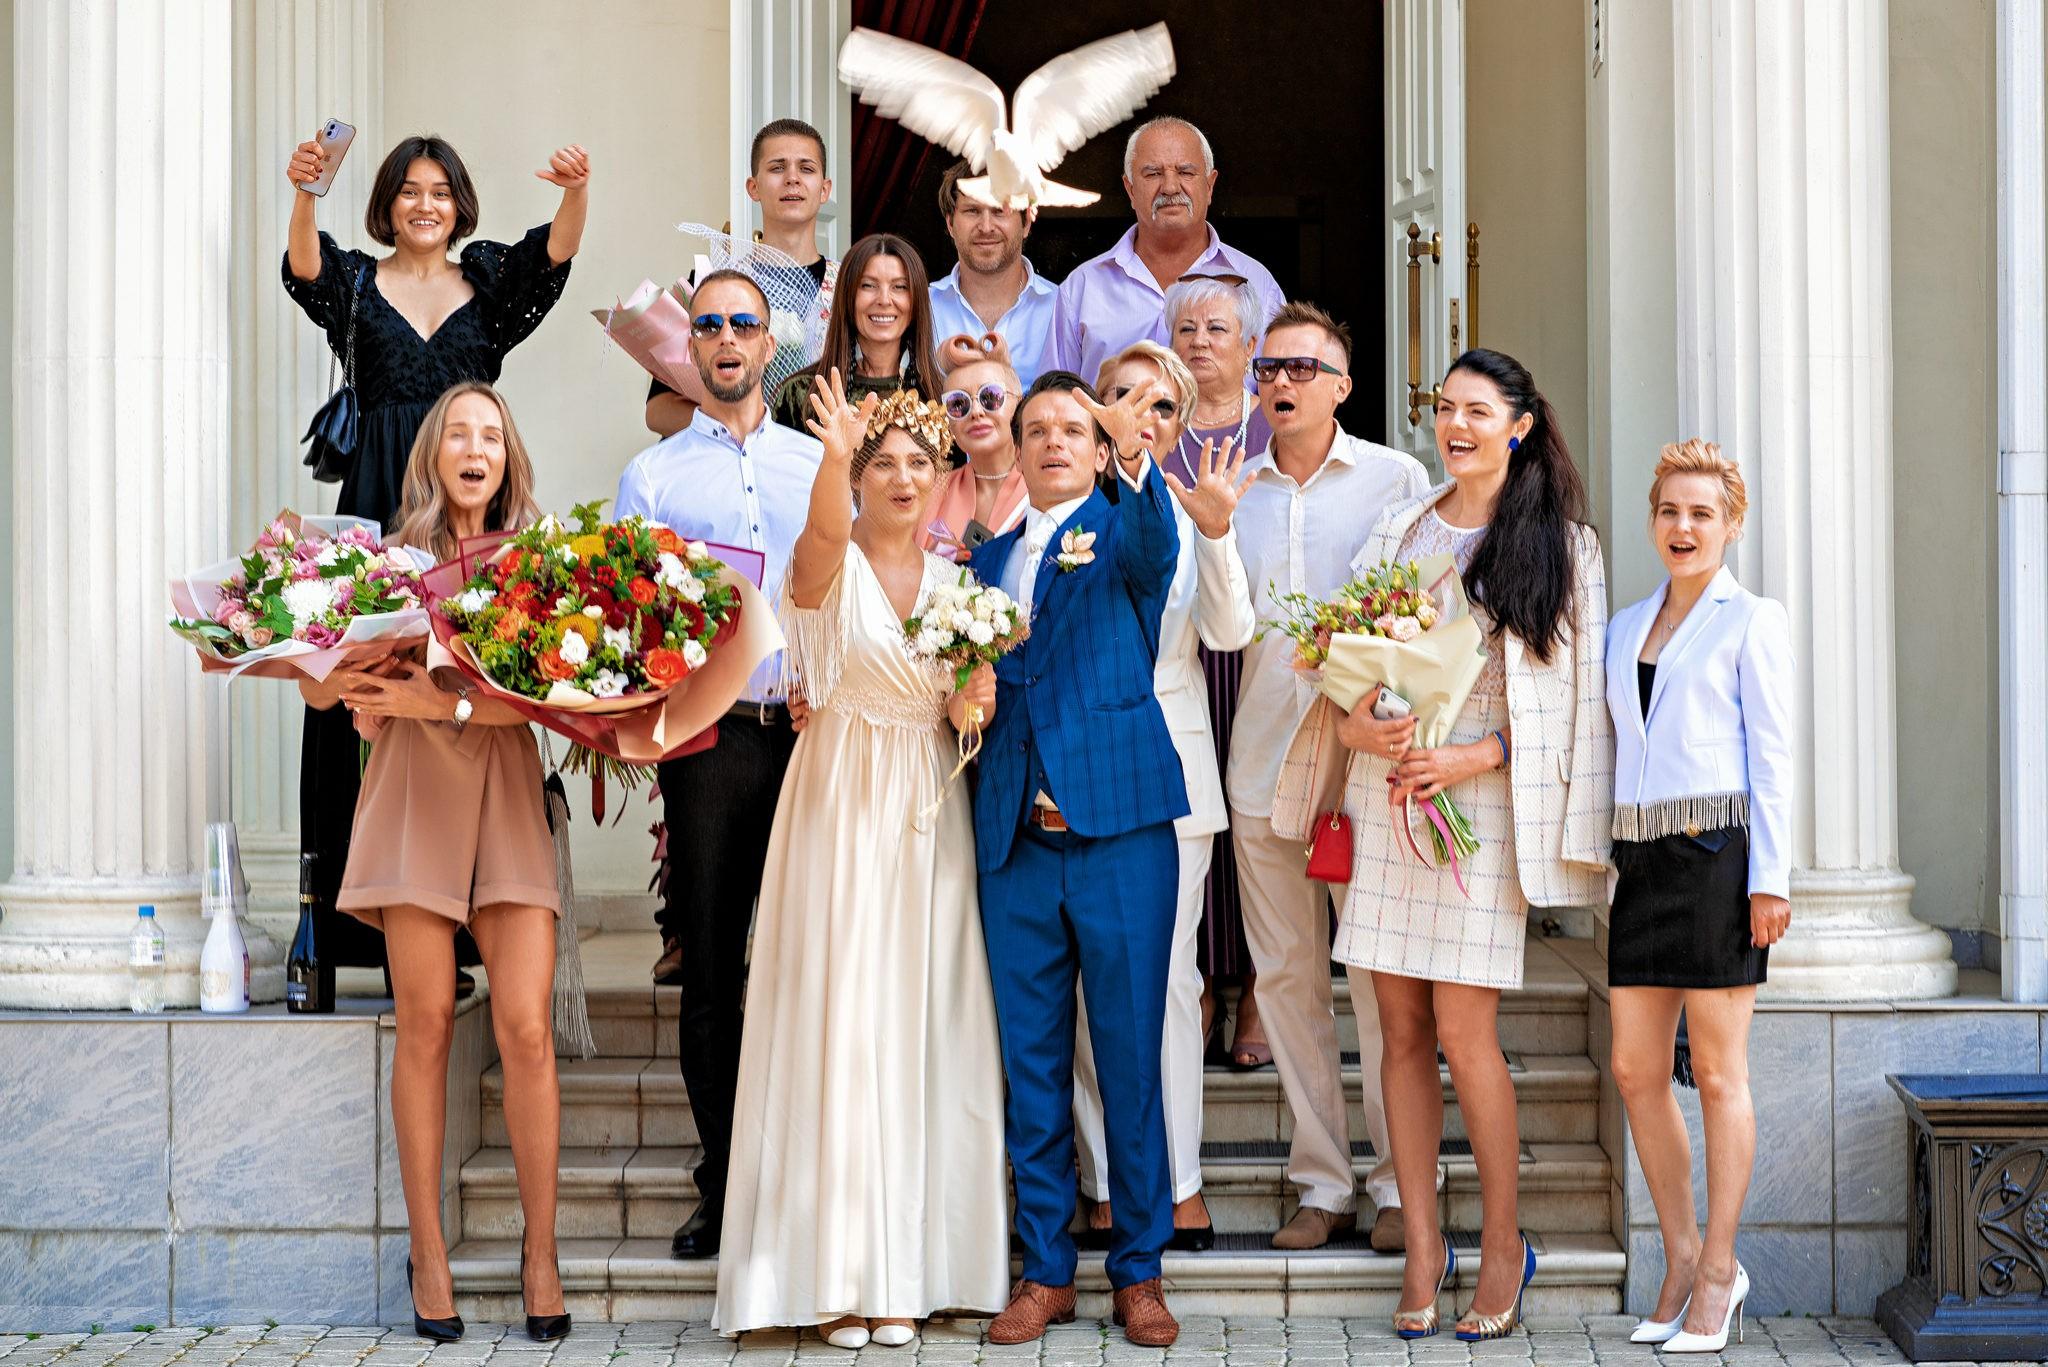 Cвадебная фотосъемка в ЗАГСе Екатерининский Зал Краснодар от свадебного фотографа: отпускаем голубя